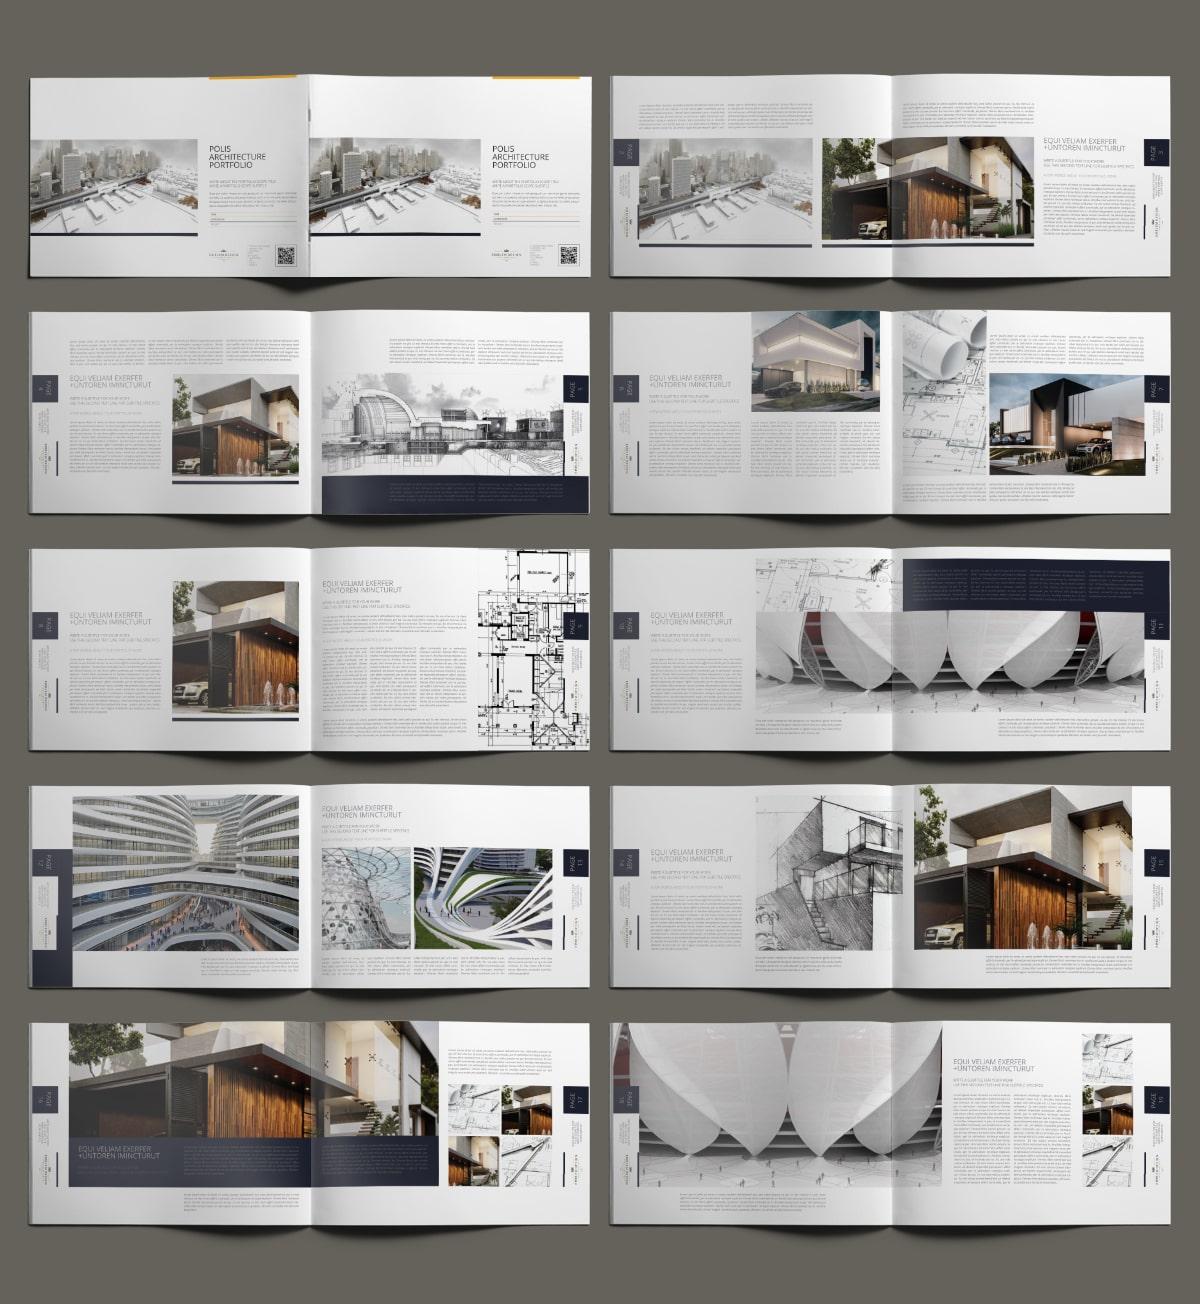 Polis Architecture Portfolio A4 Landscape - Layouts